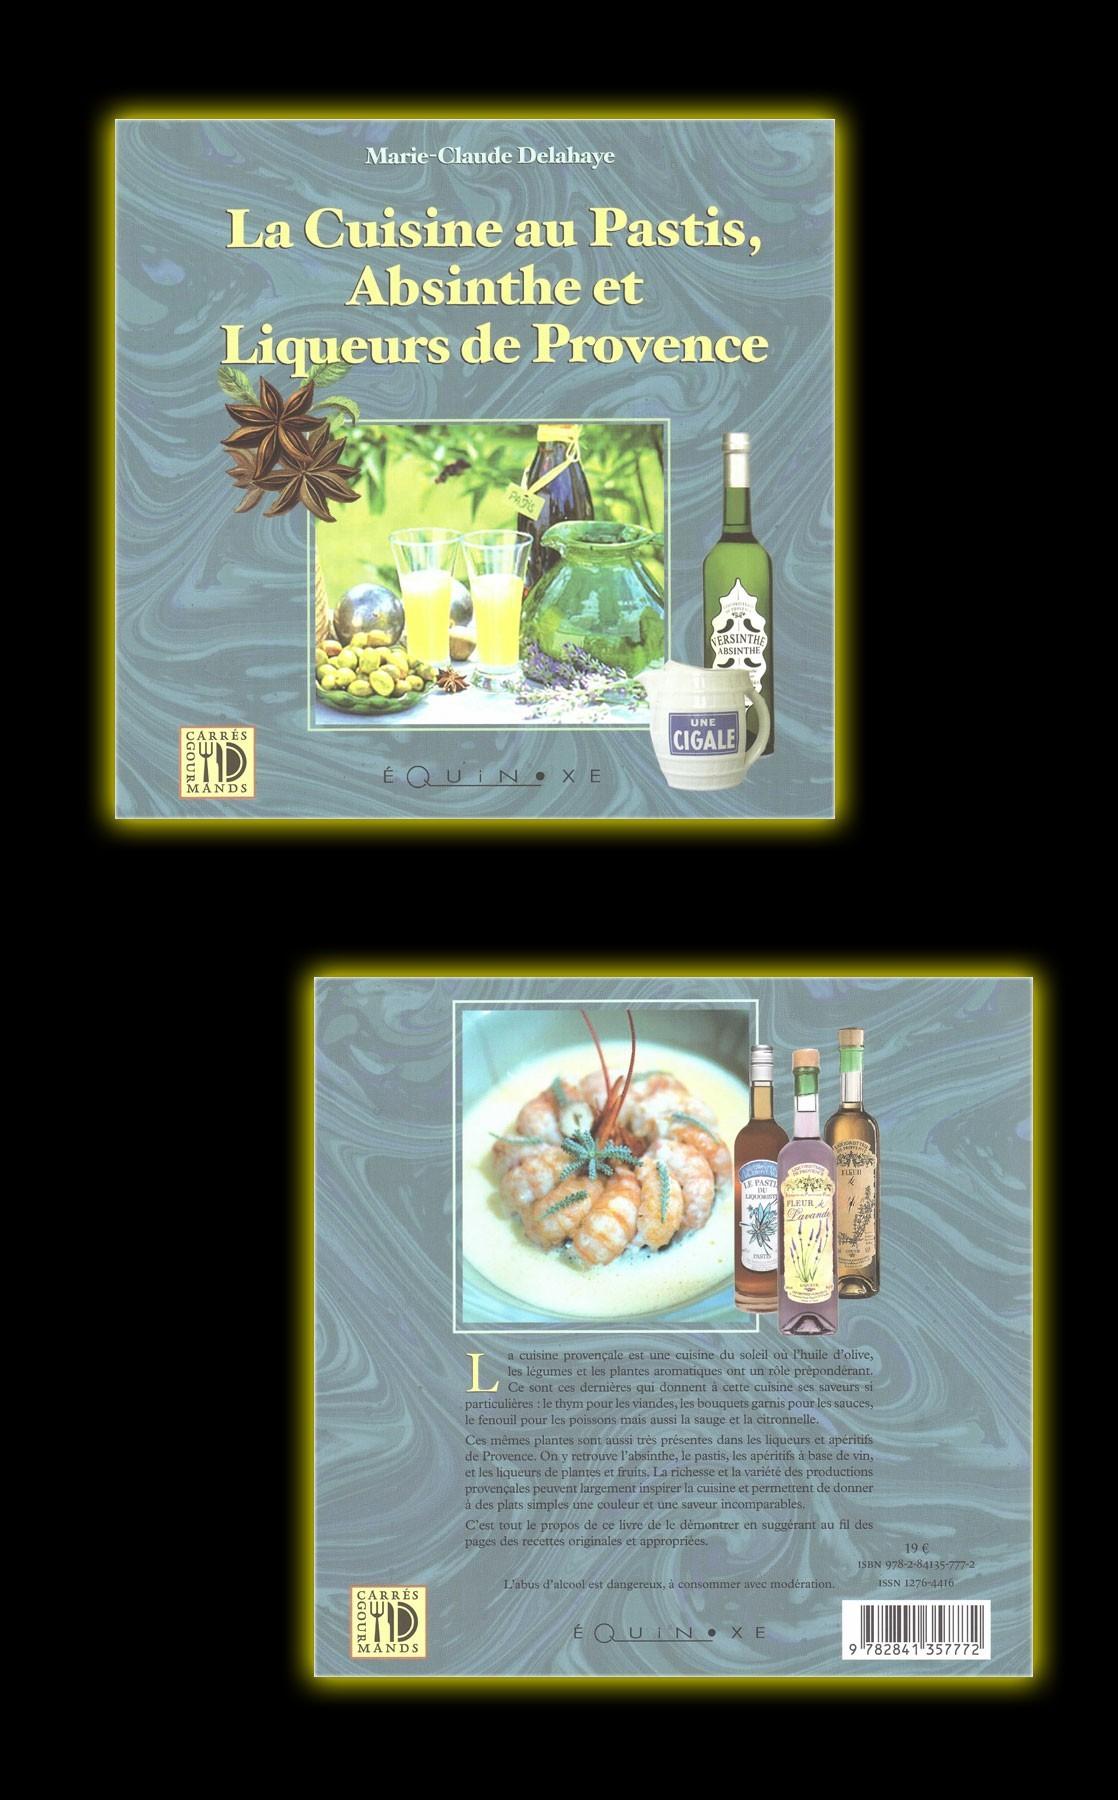 Livre La cuisine au Pastis, Absinthe et Liqueurs de Provence